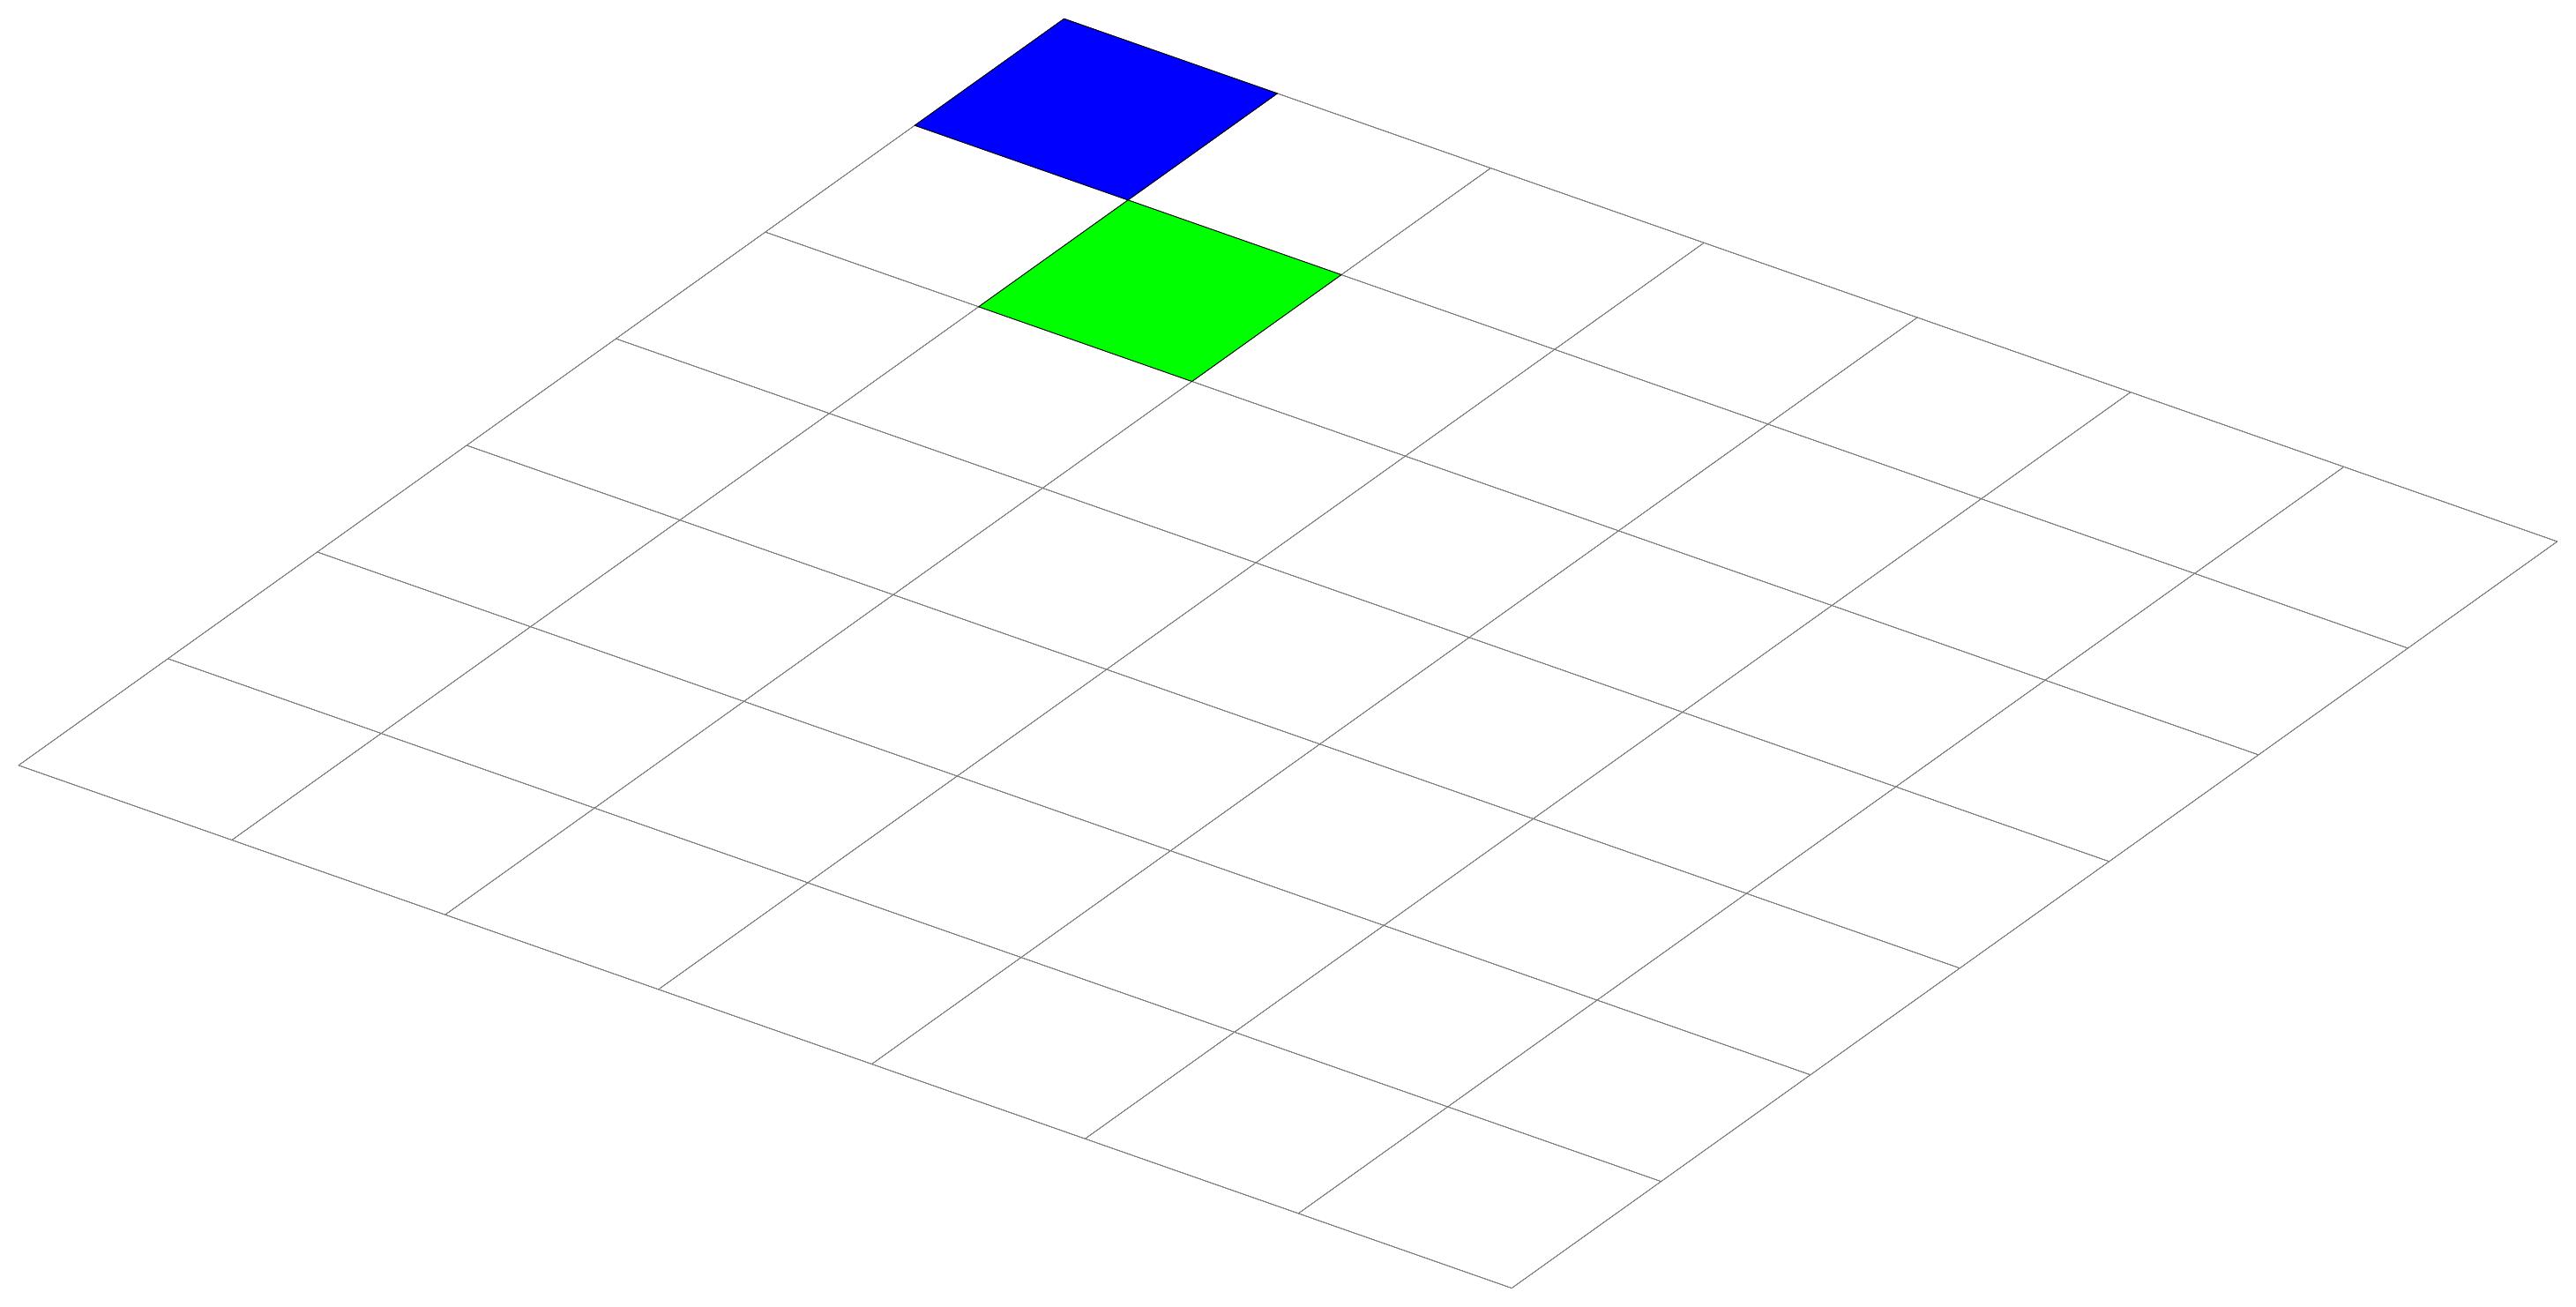 elem-grid_RBG_draw_lines+elem+3d+pgf+foreach